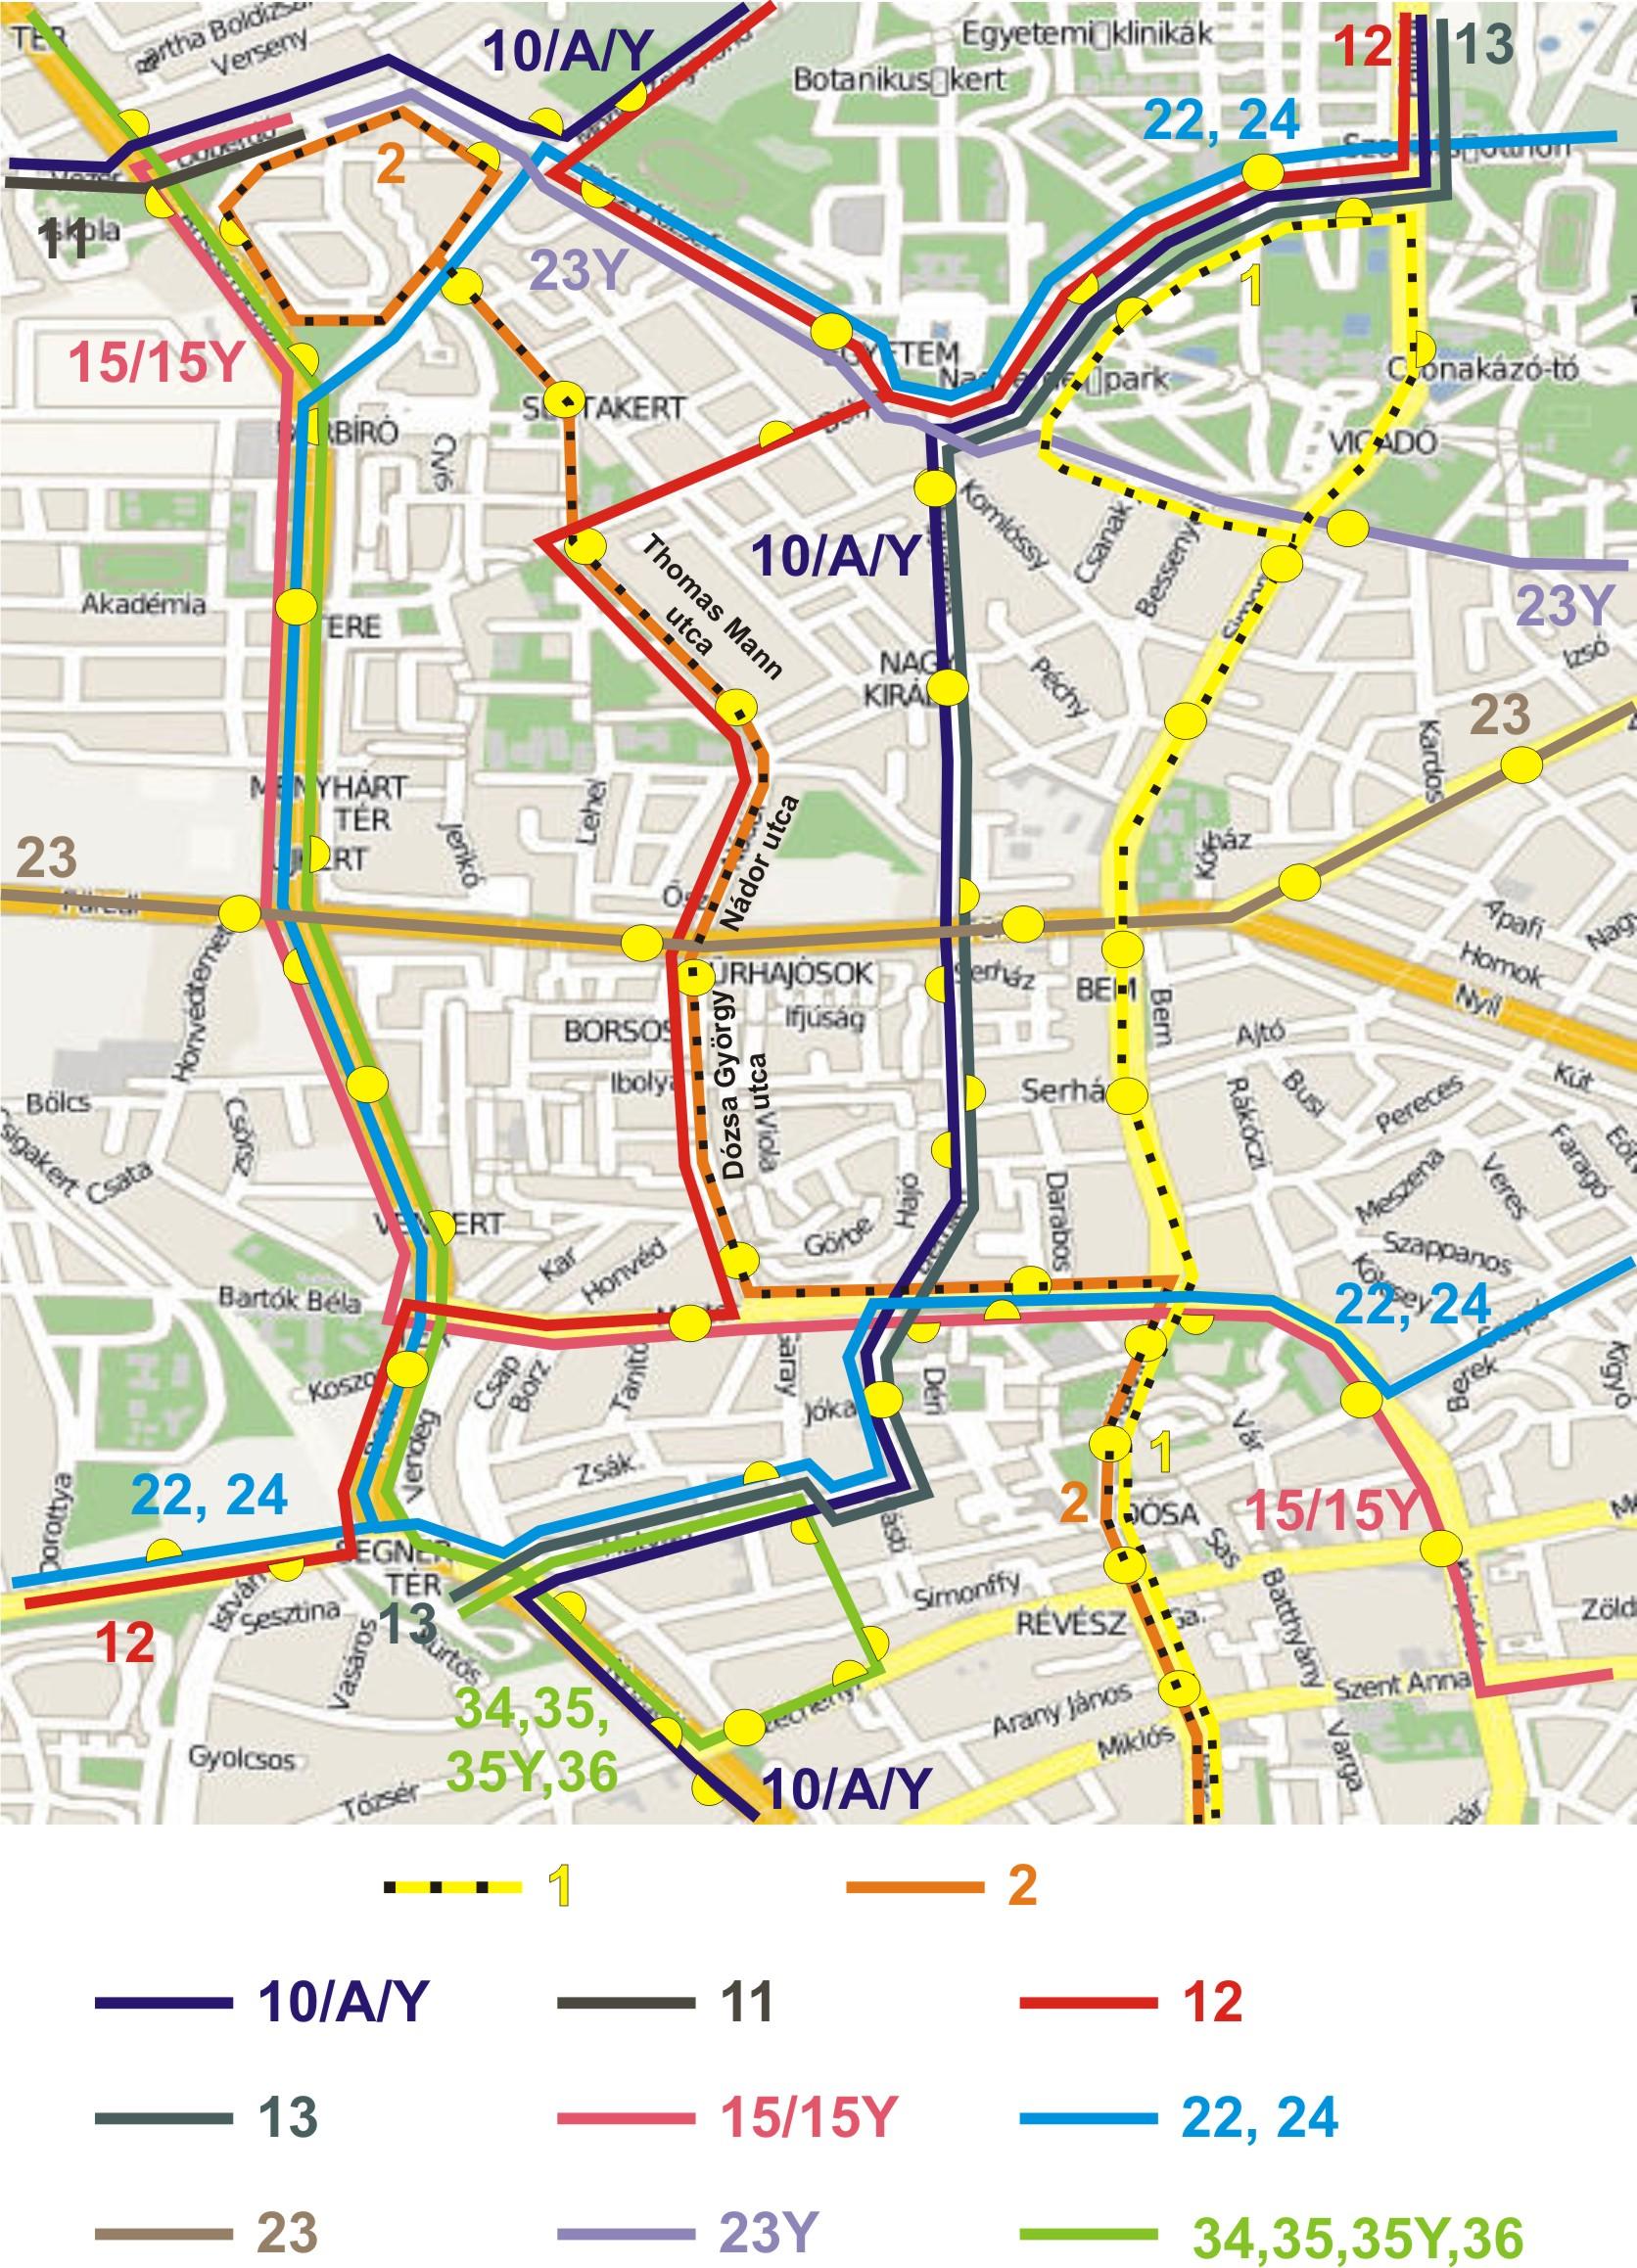 debrecen busz térkép IHO   Vasút   Debreceni dohogások a 2 es villamos körül debrecen busz térkép